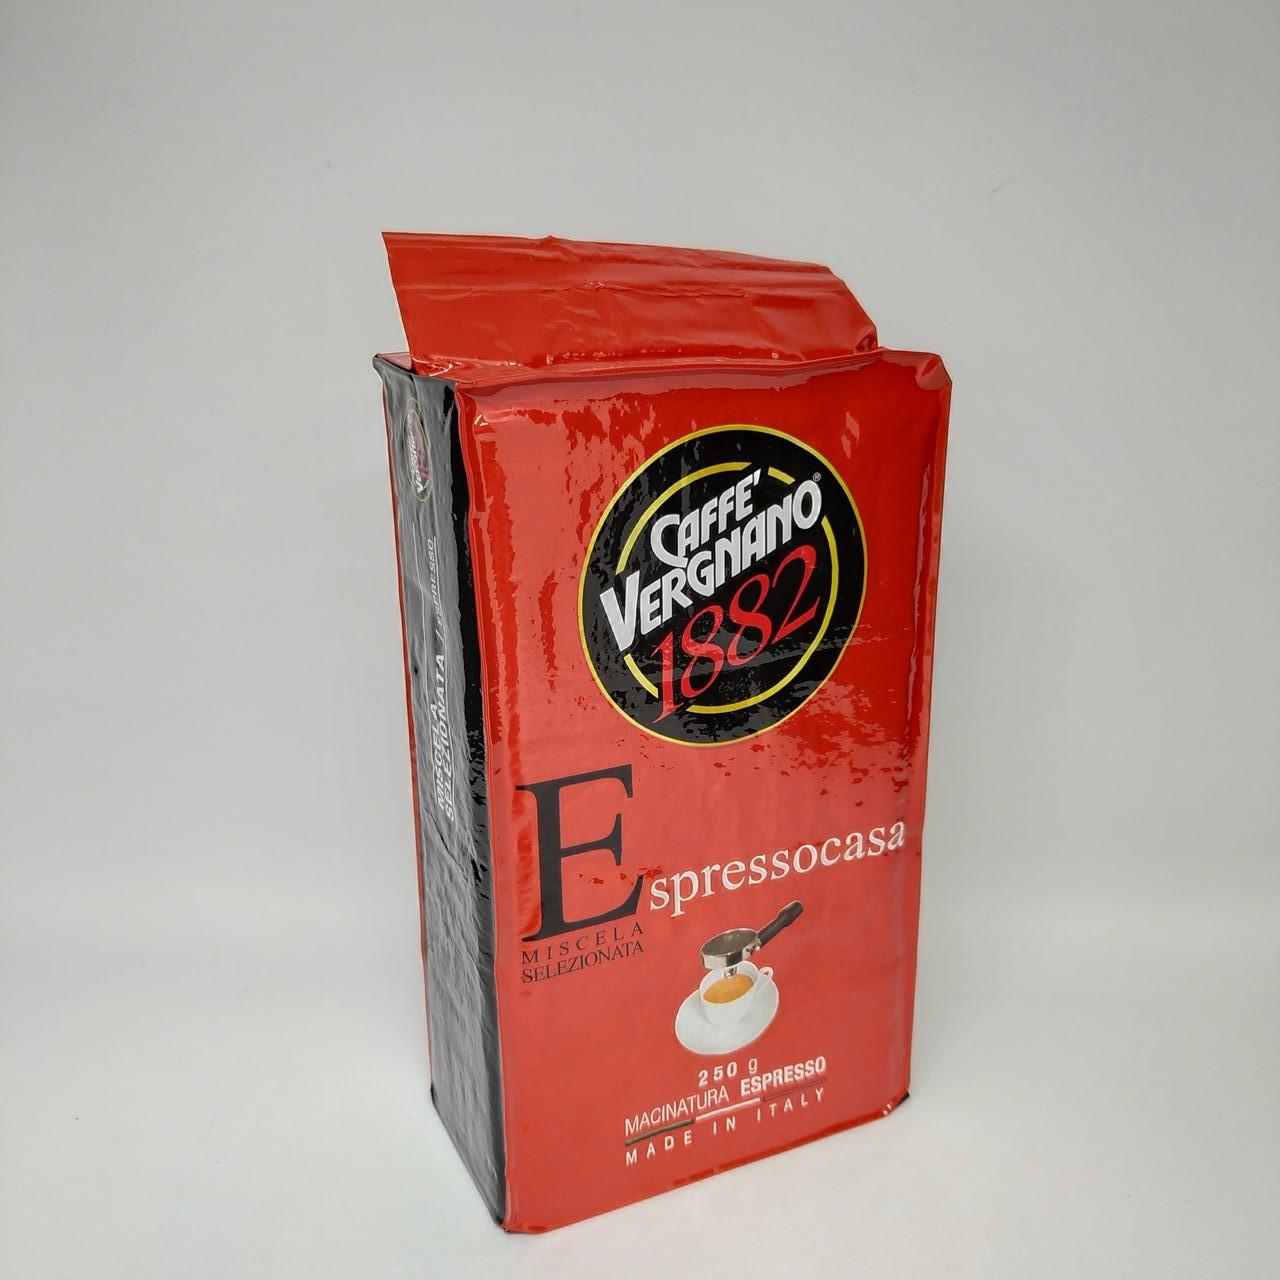 Caffe Vergnano Espresso Casa